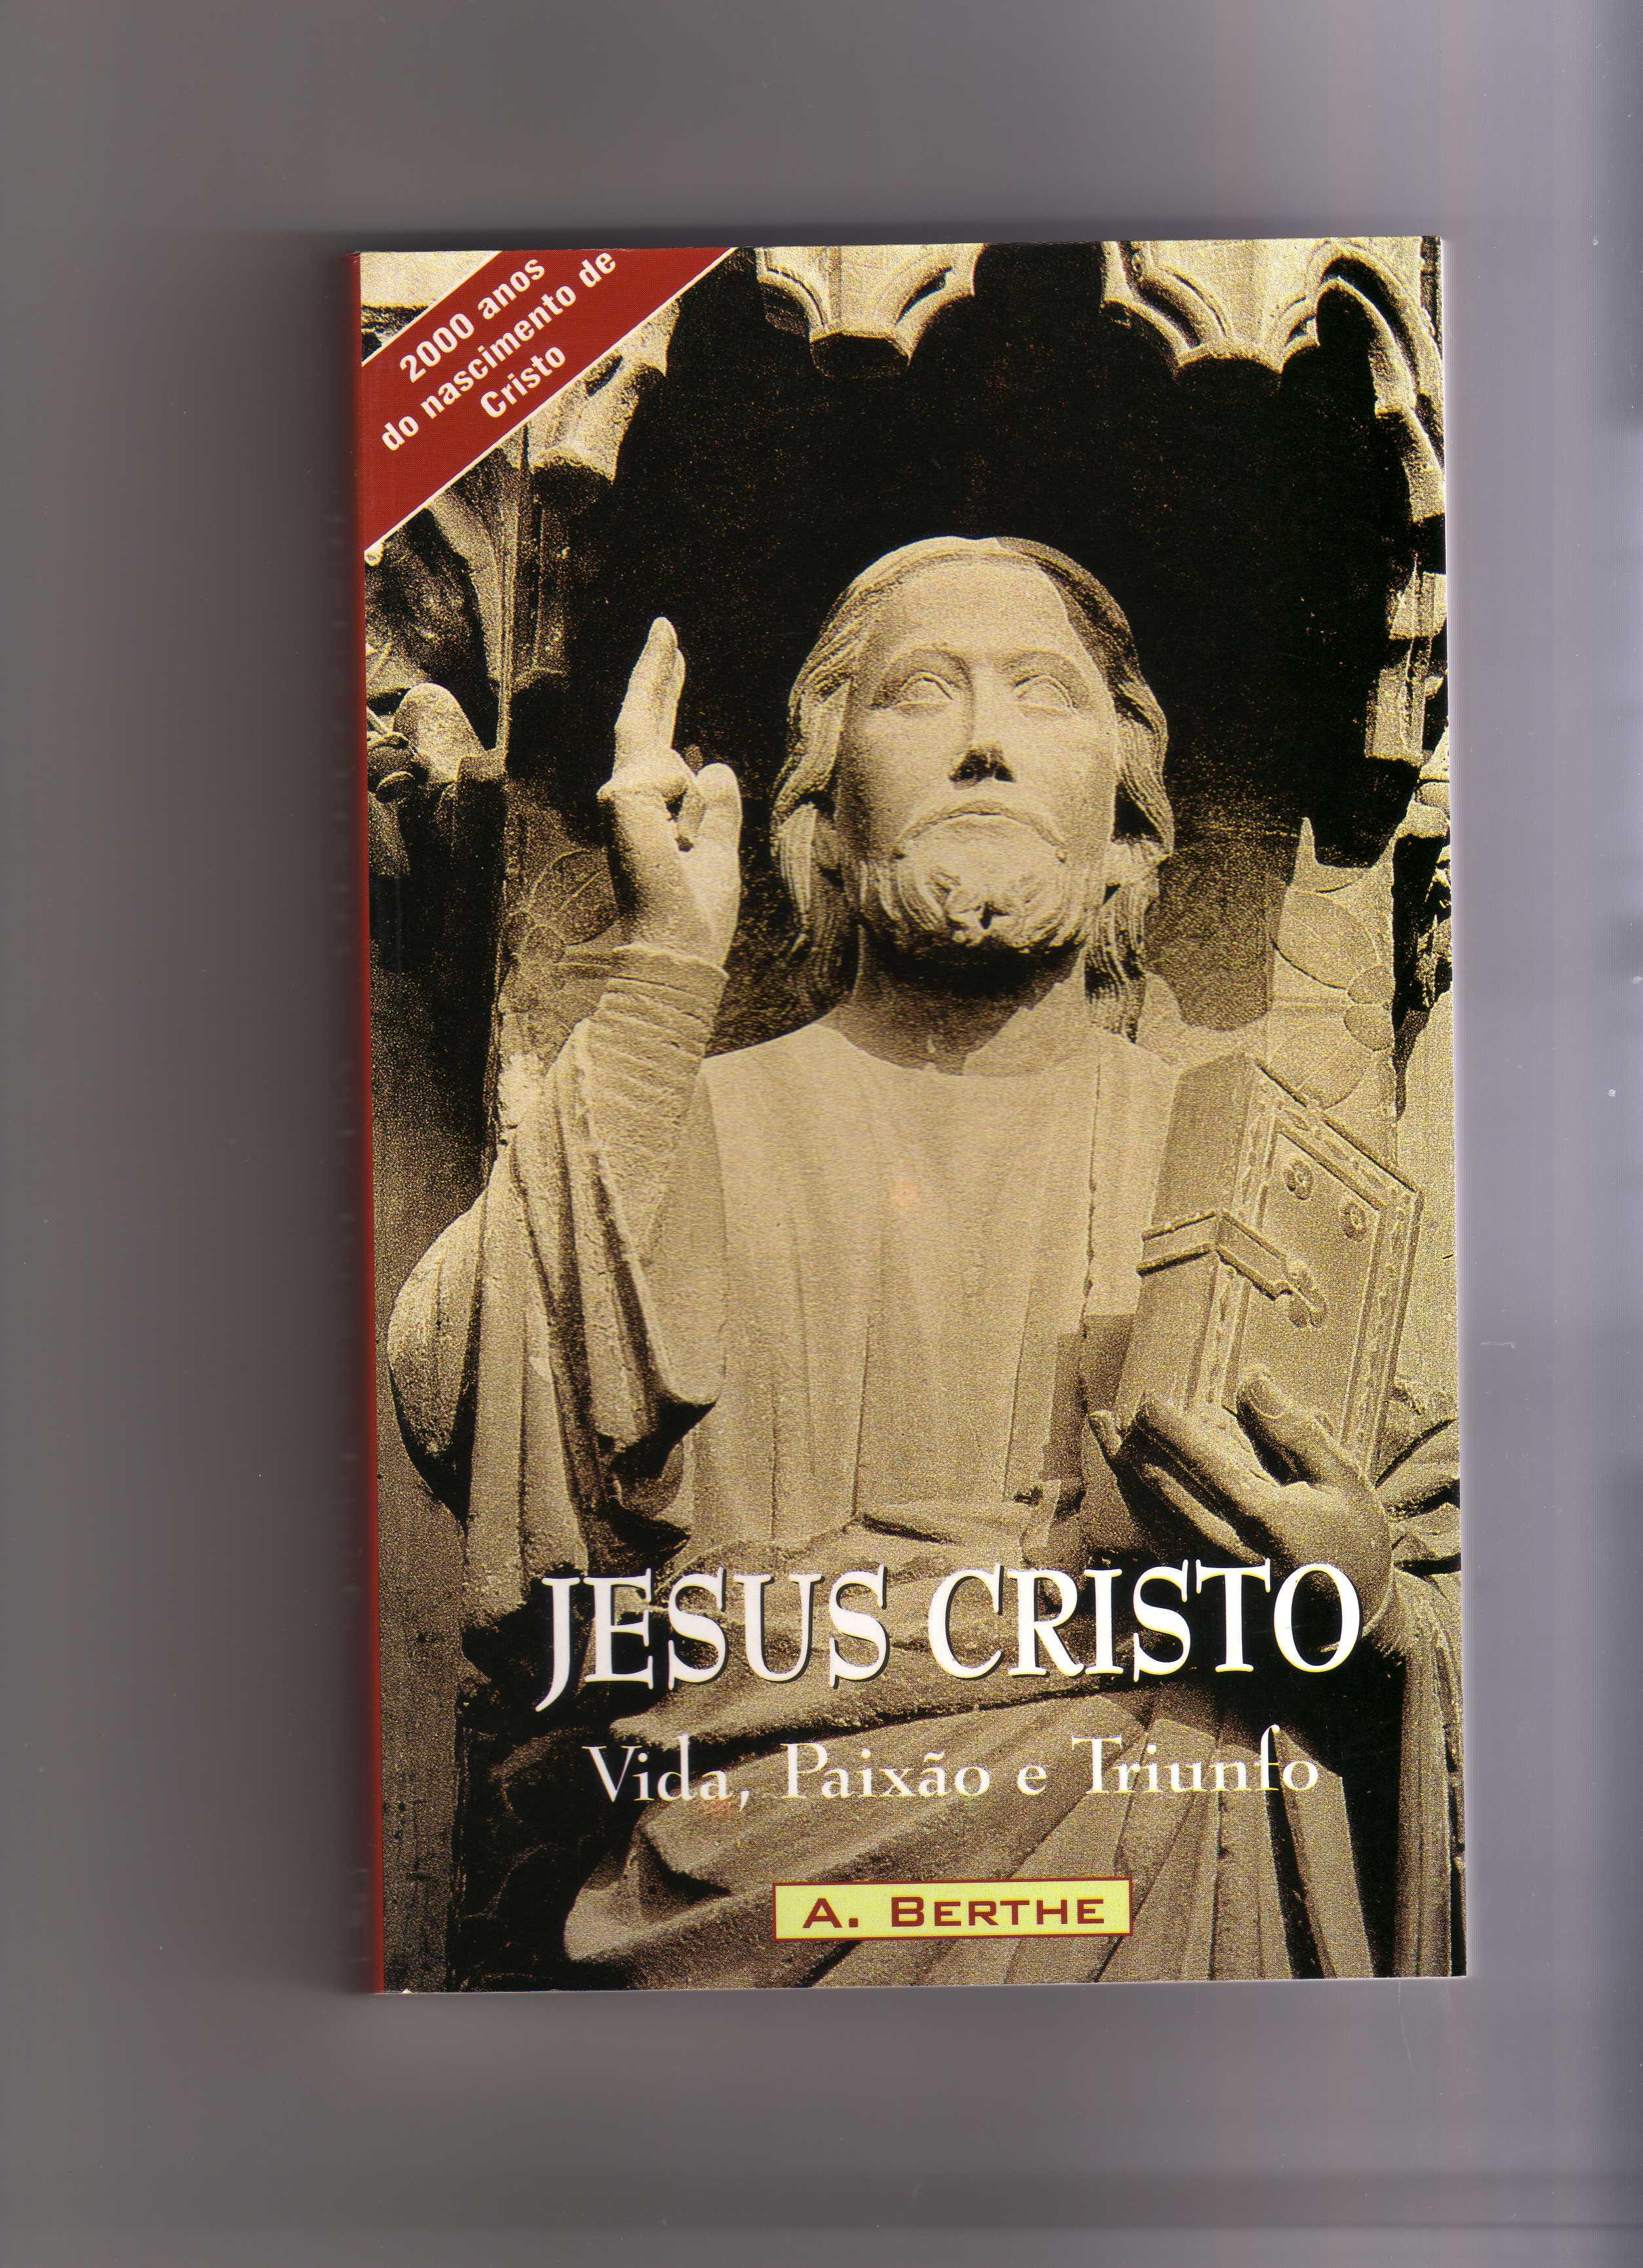 Jesus Cristo Vida, Paixão e Triunfo